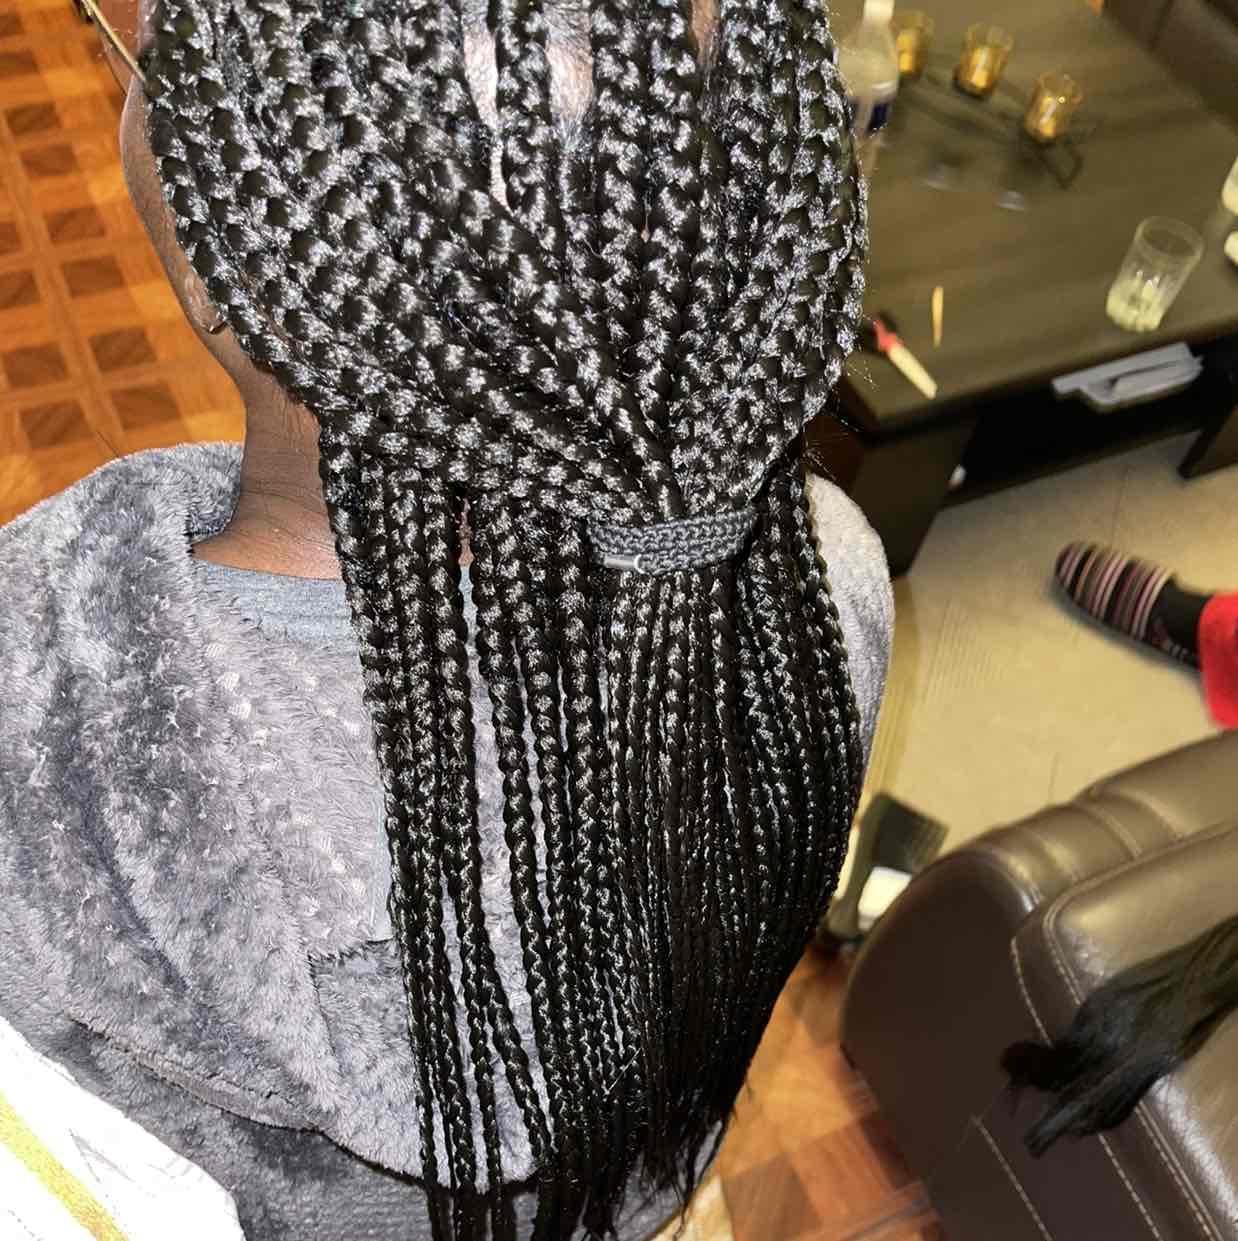 salon de coiffure afro tresse tresses box braids crochet braids vanilles tissages paris 75 77 78 91 92 93 94 95 PNLQPBNL